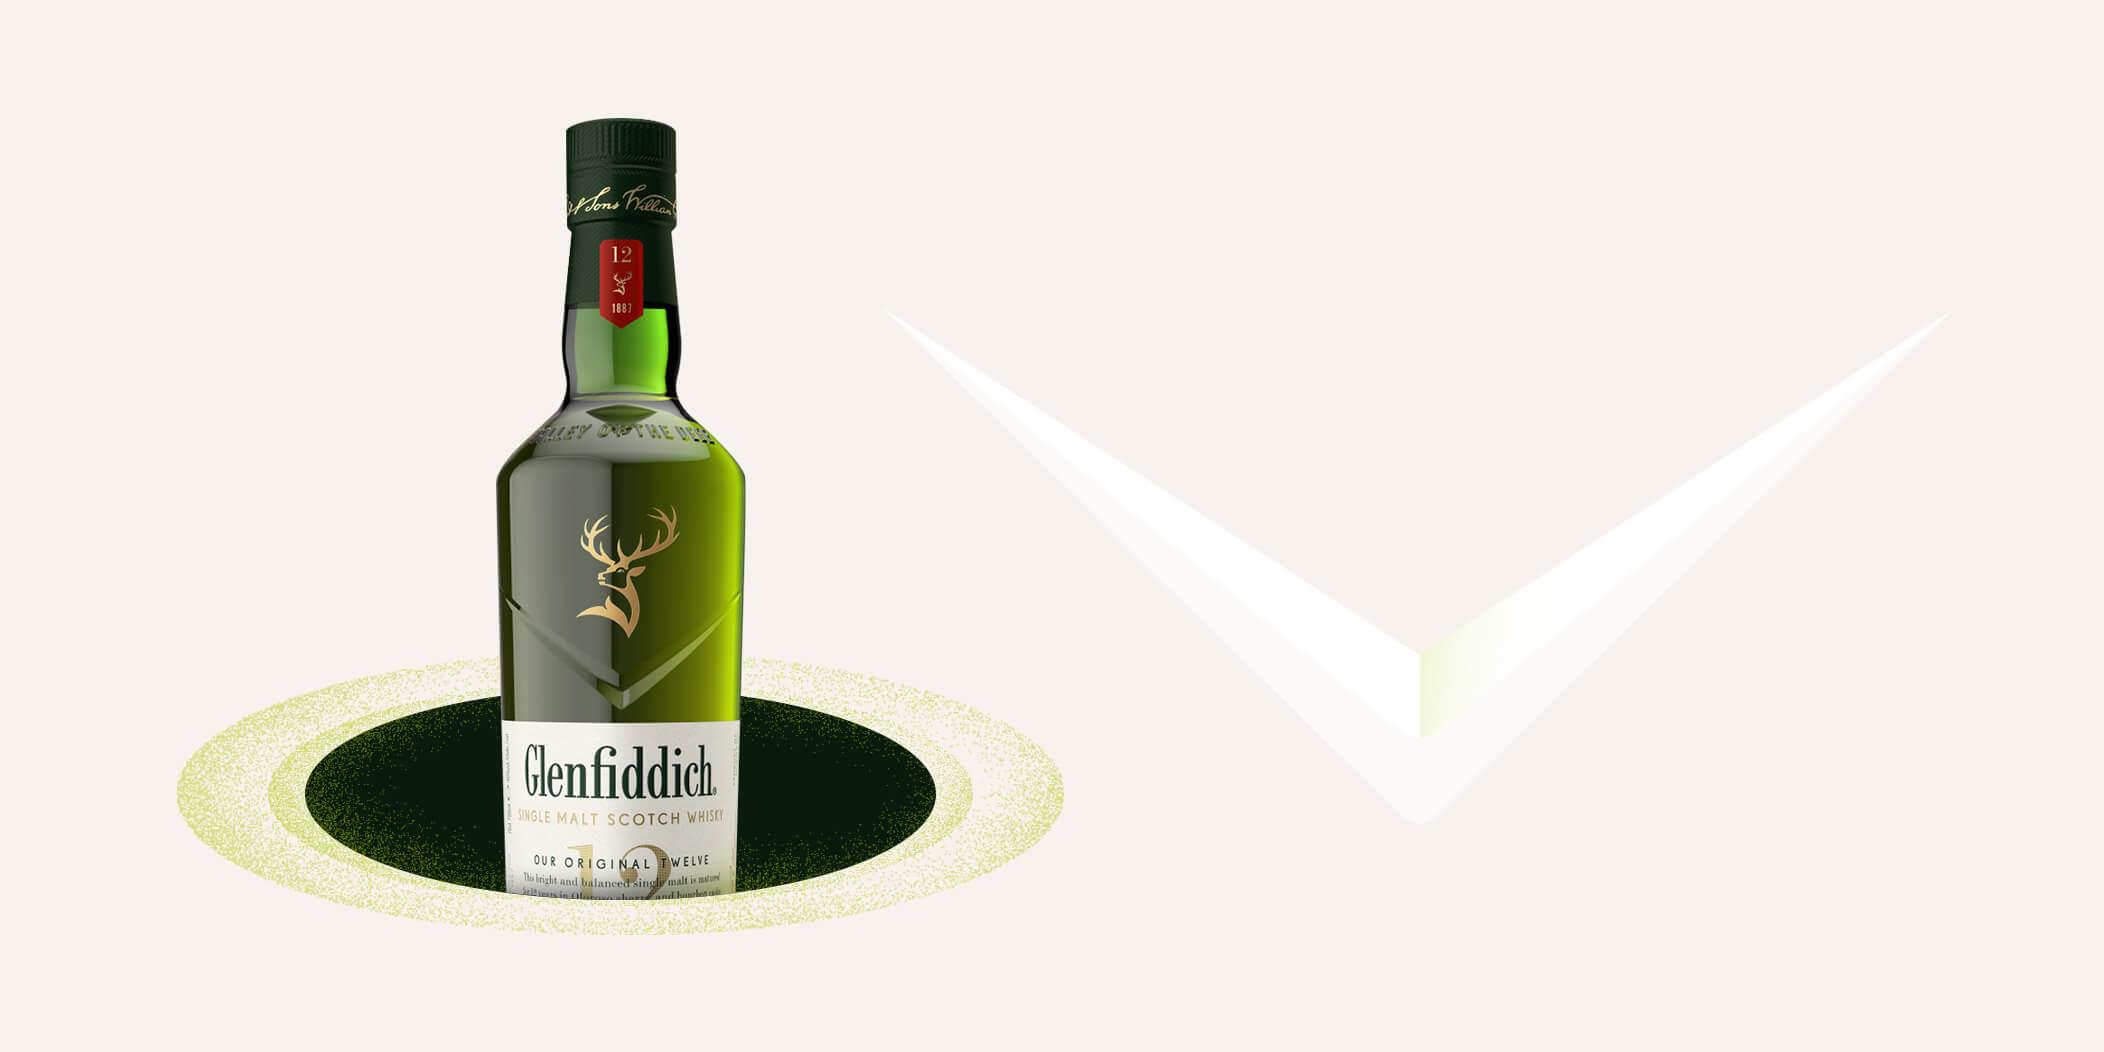 Glenfiddich_01